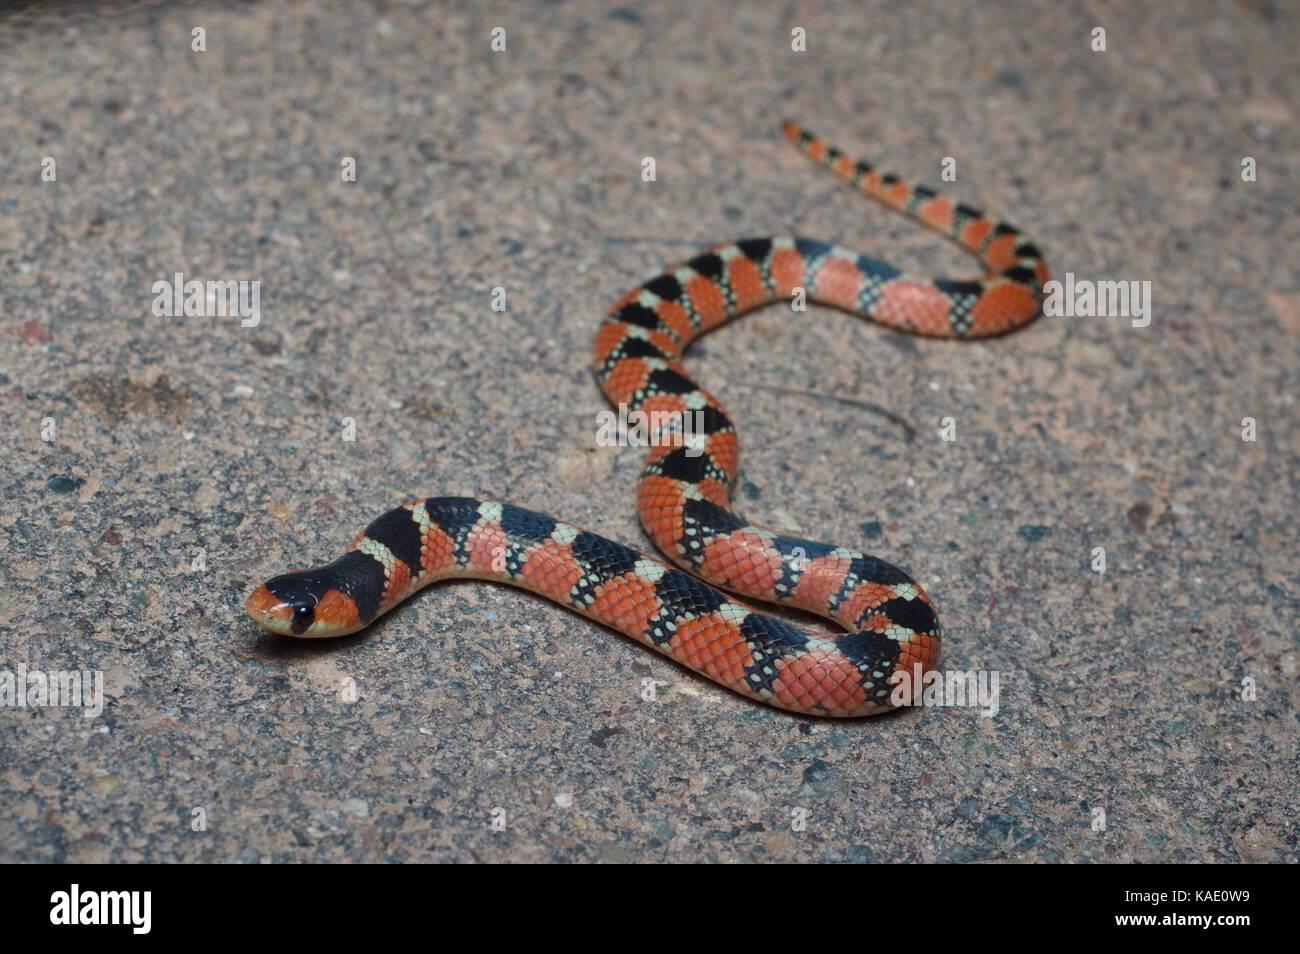 Una nariz de gancho thornscrub snake (gyalopion quadrangulare) en una carretera asfaltada en la noche cerca de alamos, Imagen De Stock